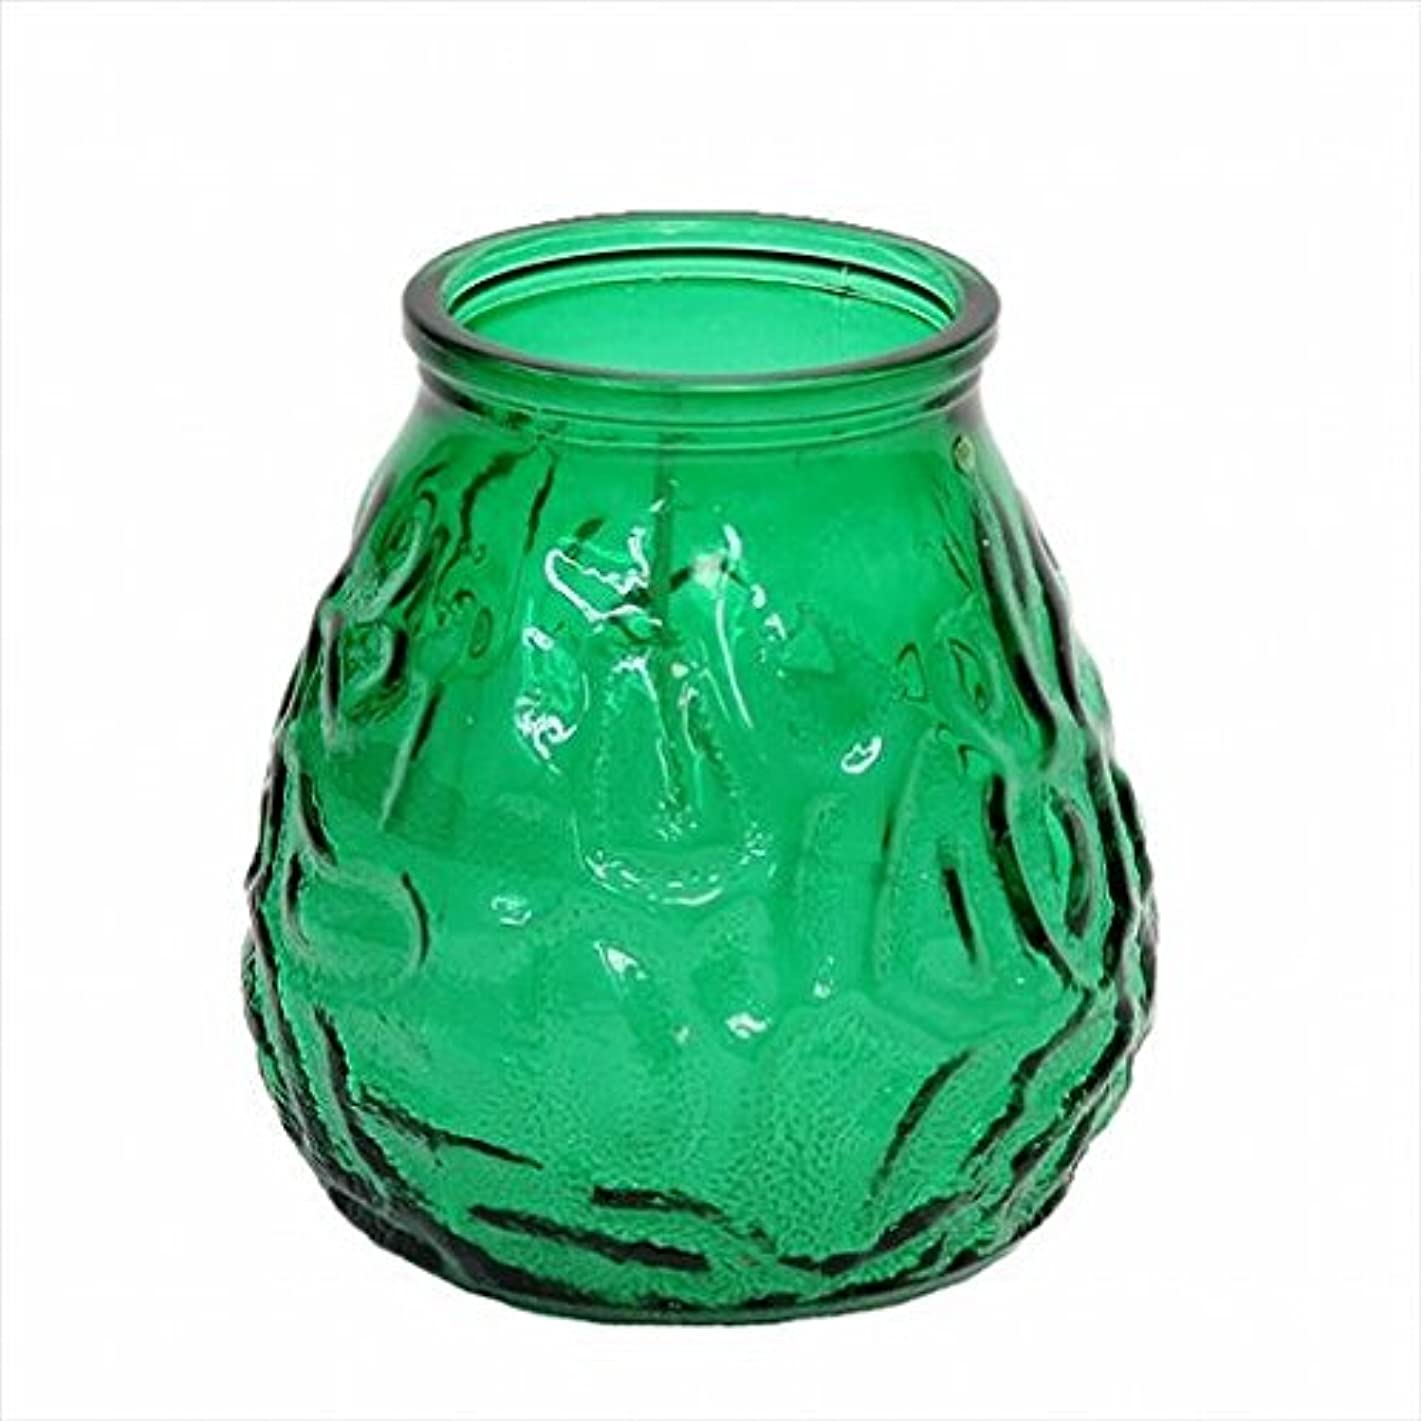 お別れ買い物に行く悪質なカメヤマキャンドル(kameyama candle) ネオベネチアン(ライトカラー) 「 グリーン 」